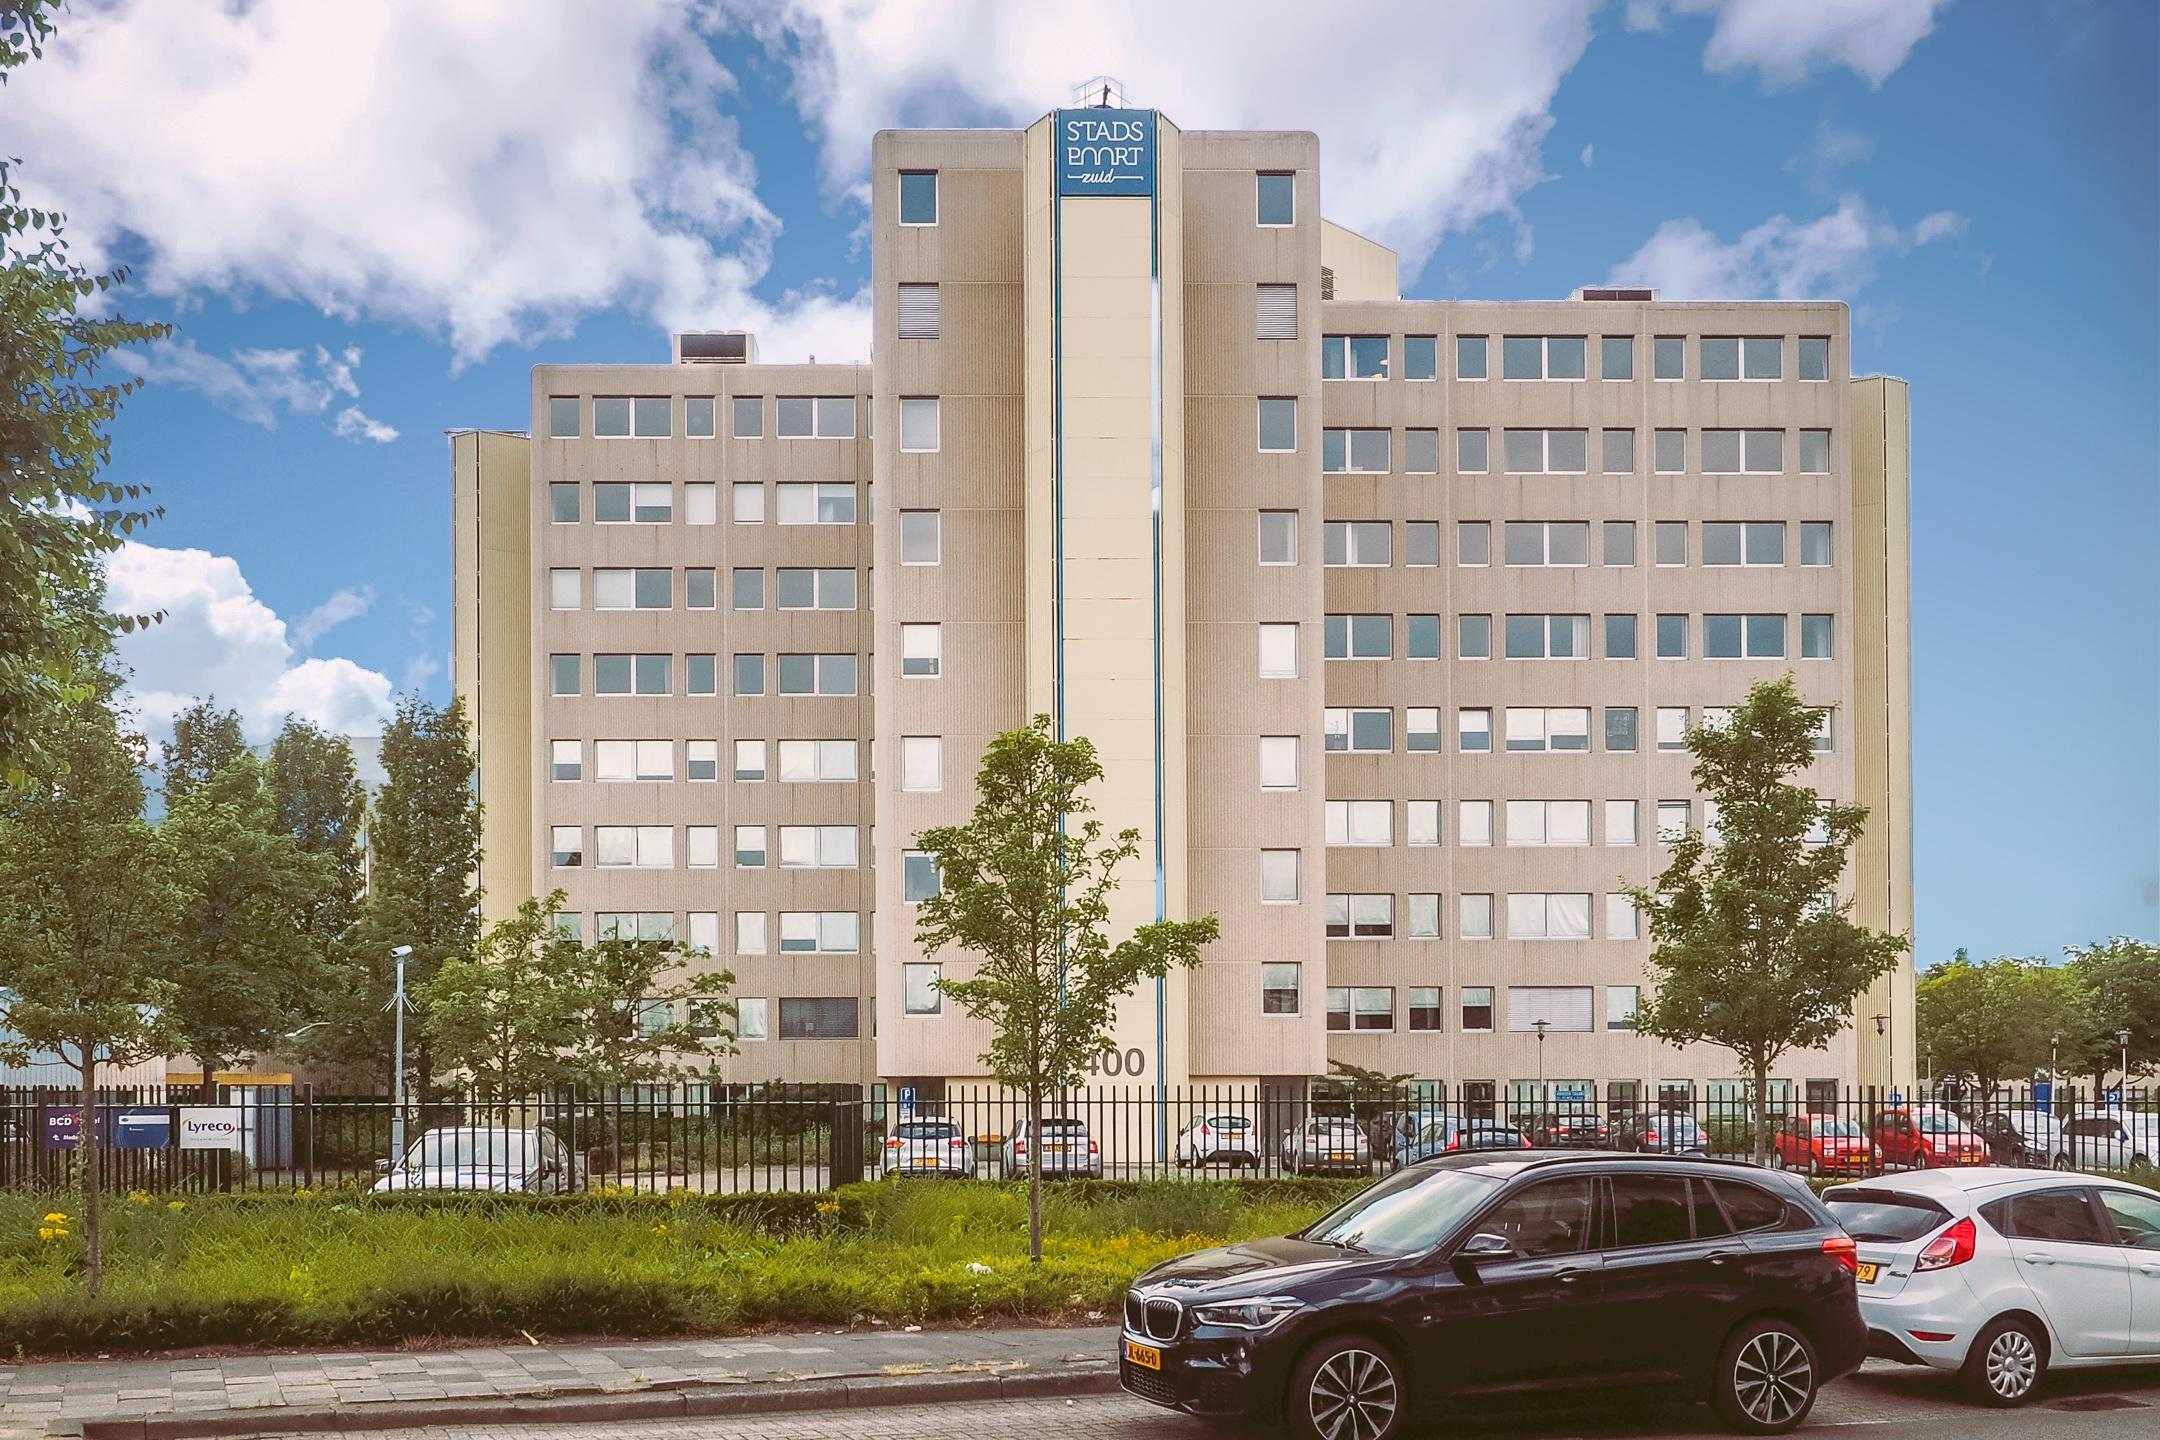 Europalaan 400 Kantoorruimte te huur Utrecht